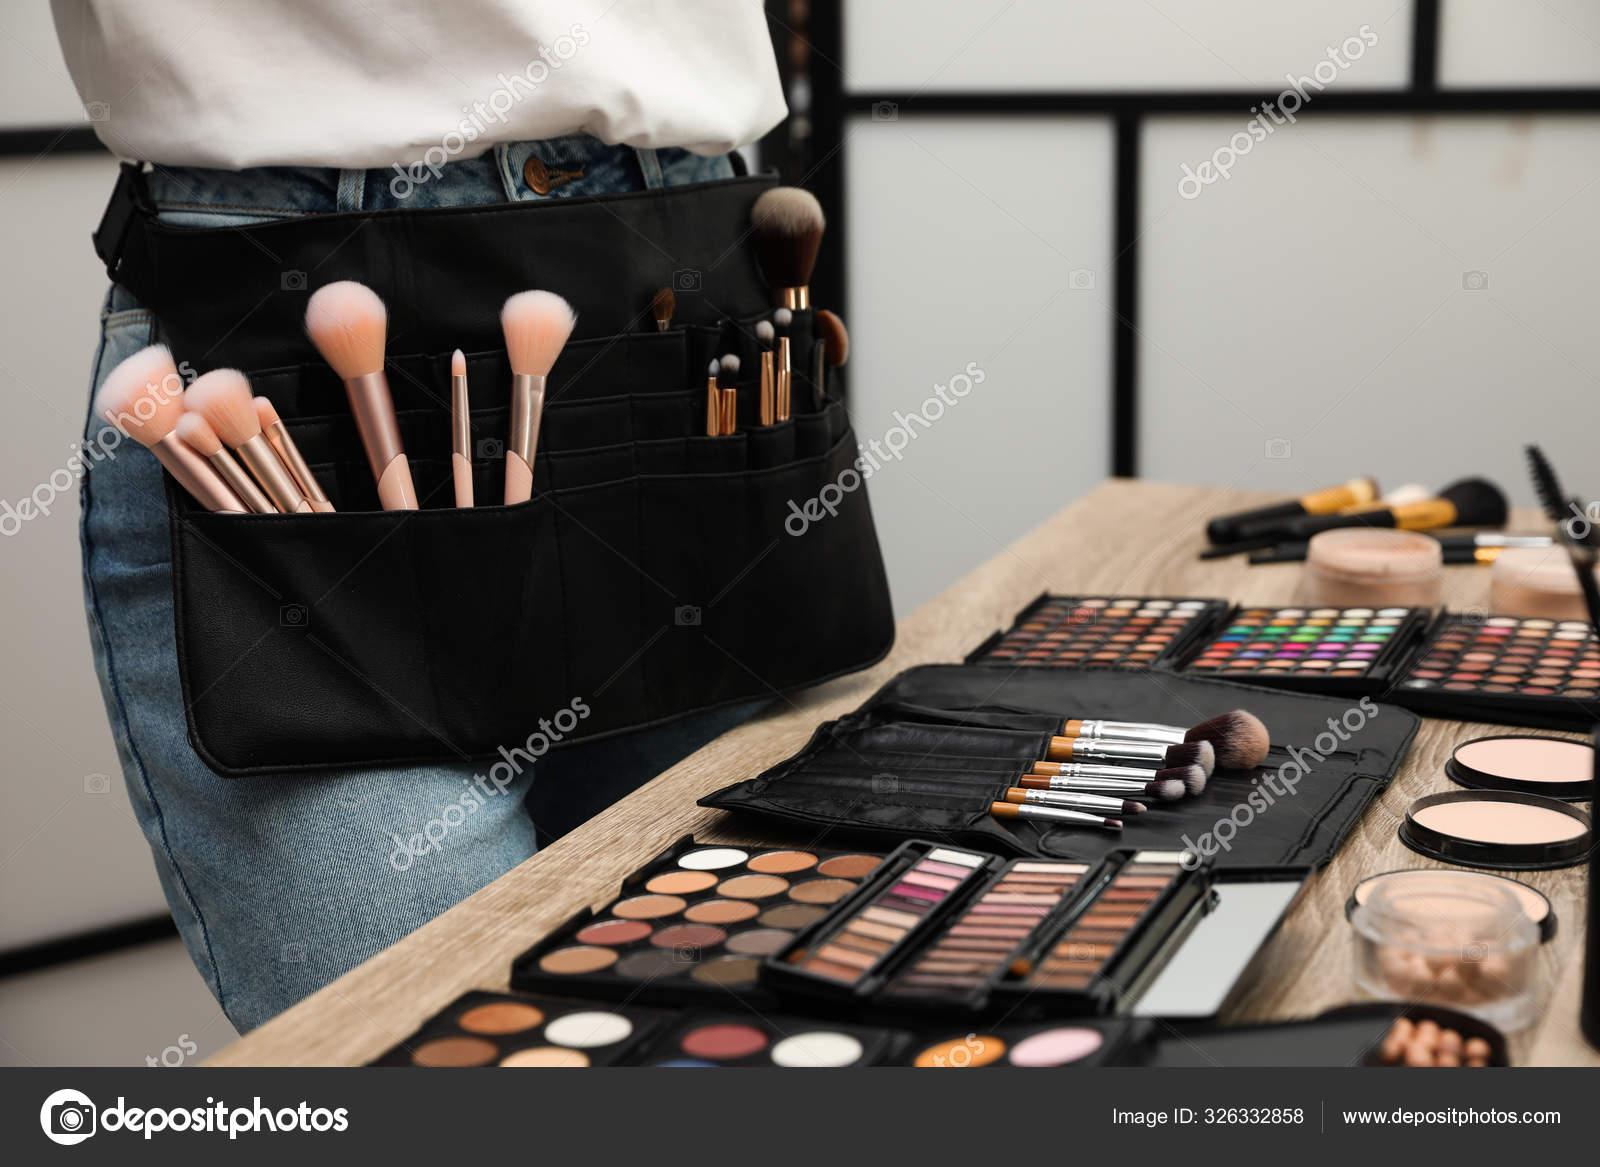 Professional Makeup Artist Belt